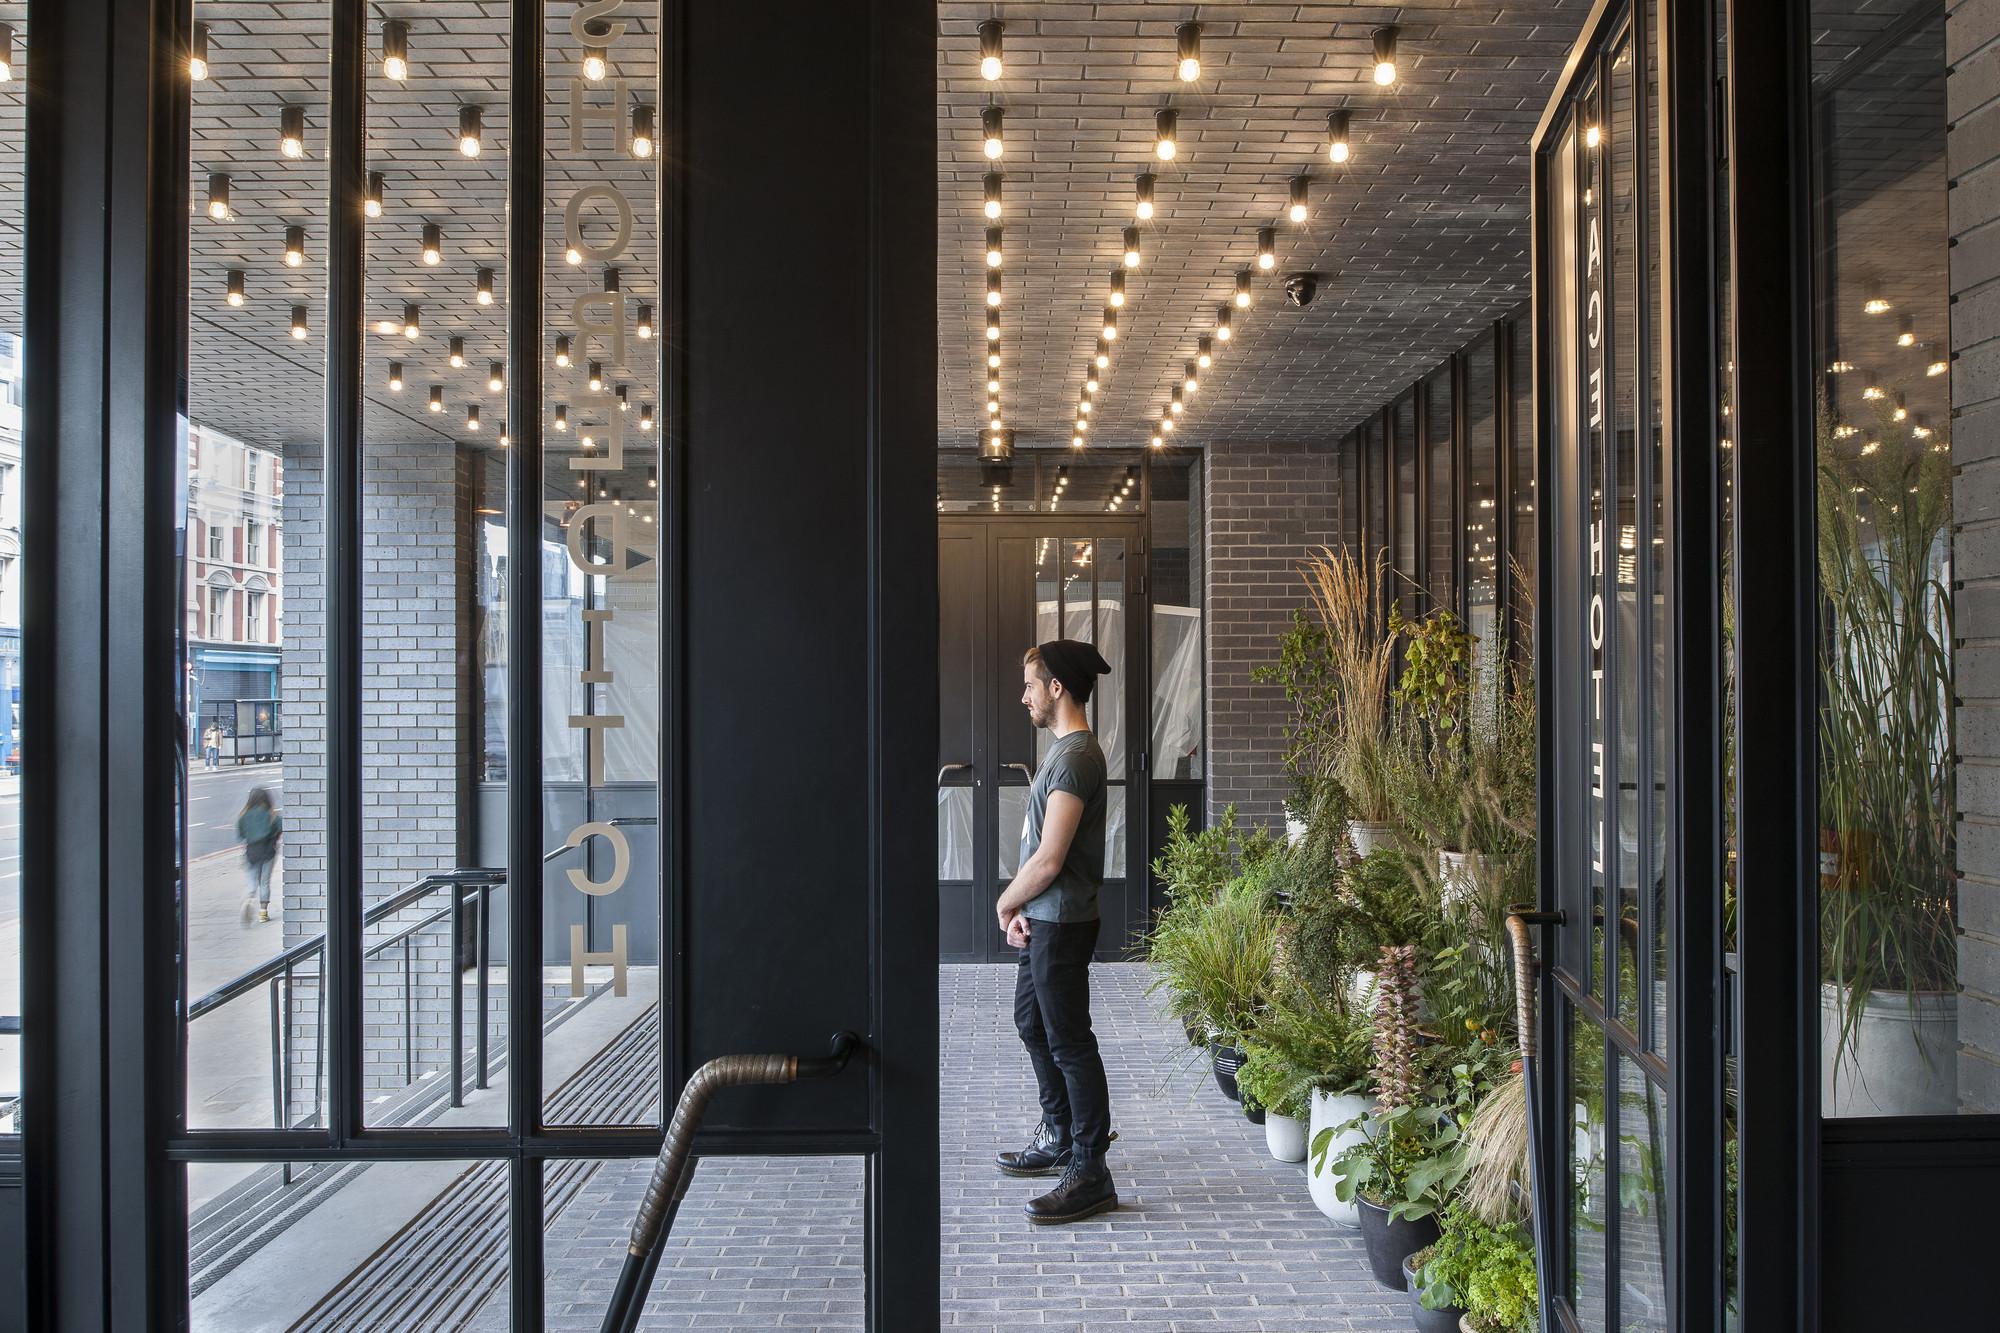 Gallery of ace hotel london universal design studio 4 for 5th door design studio